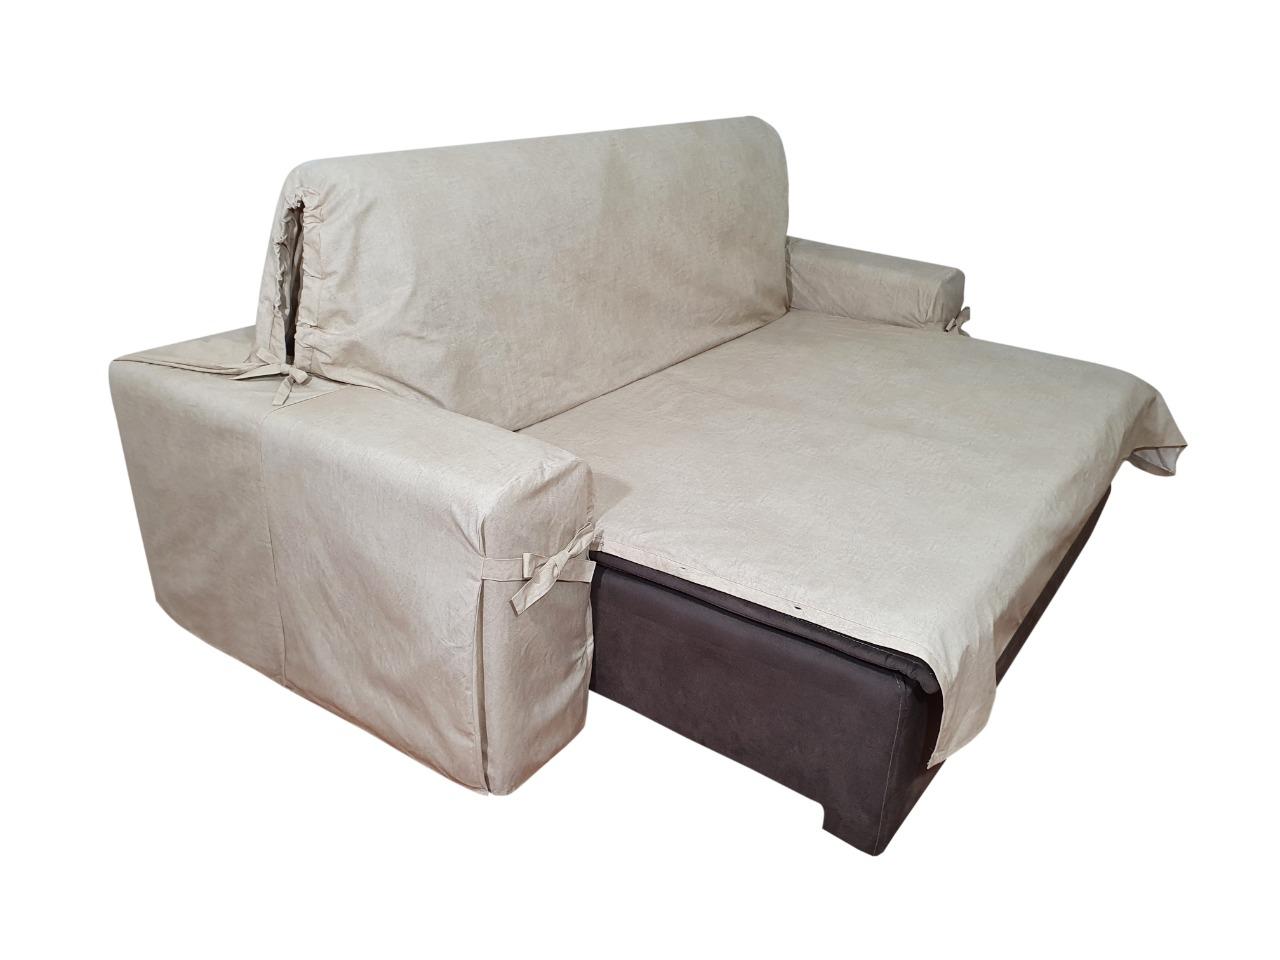 Capa p/ Sofá Retrátil e Reclinável em Acquablock Impermeável BEGE - Veste Sofás de 1,50m até 1,95m